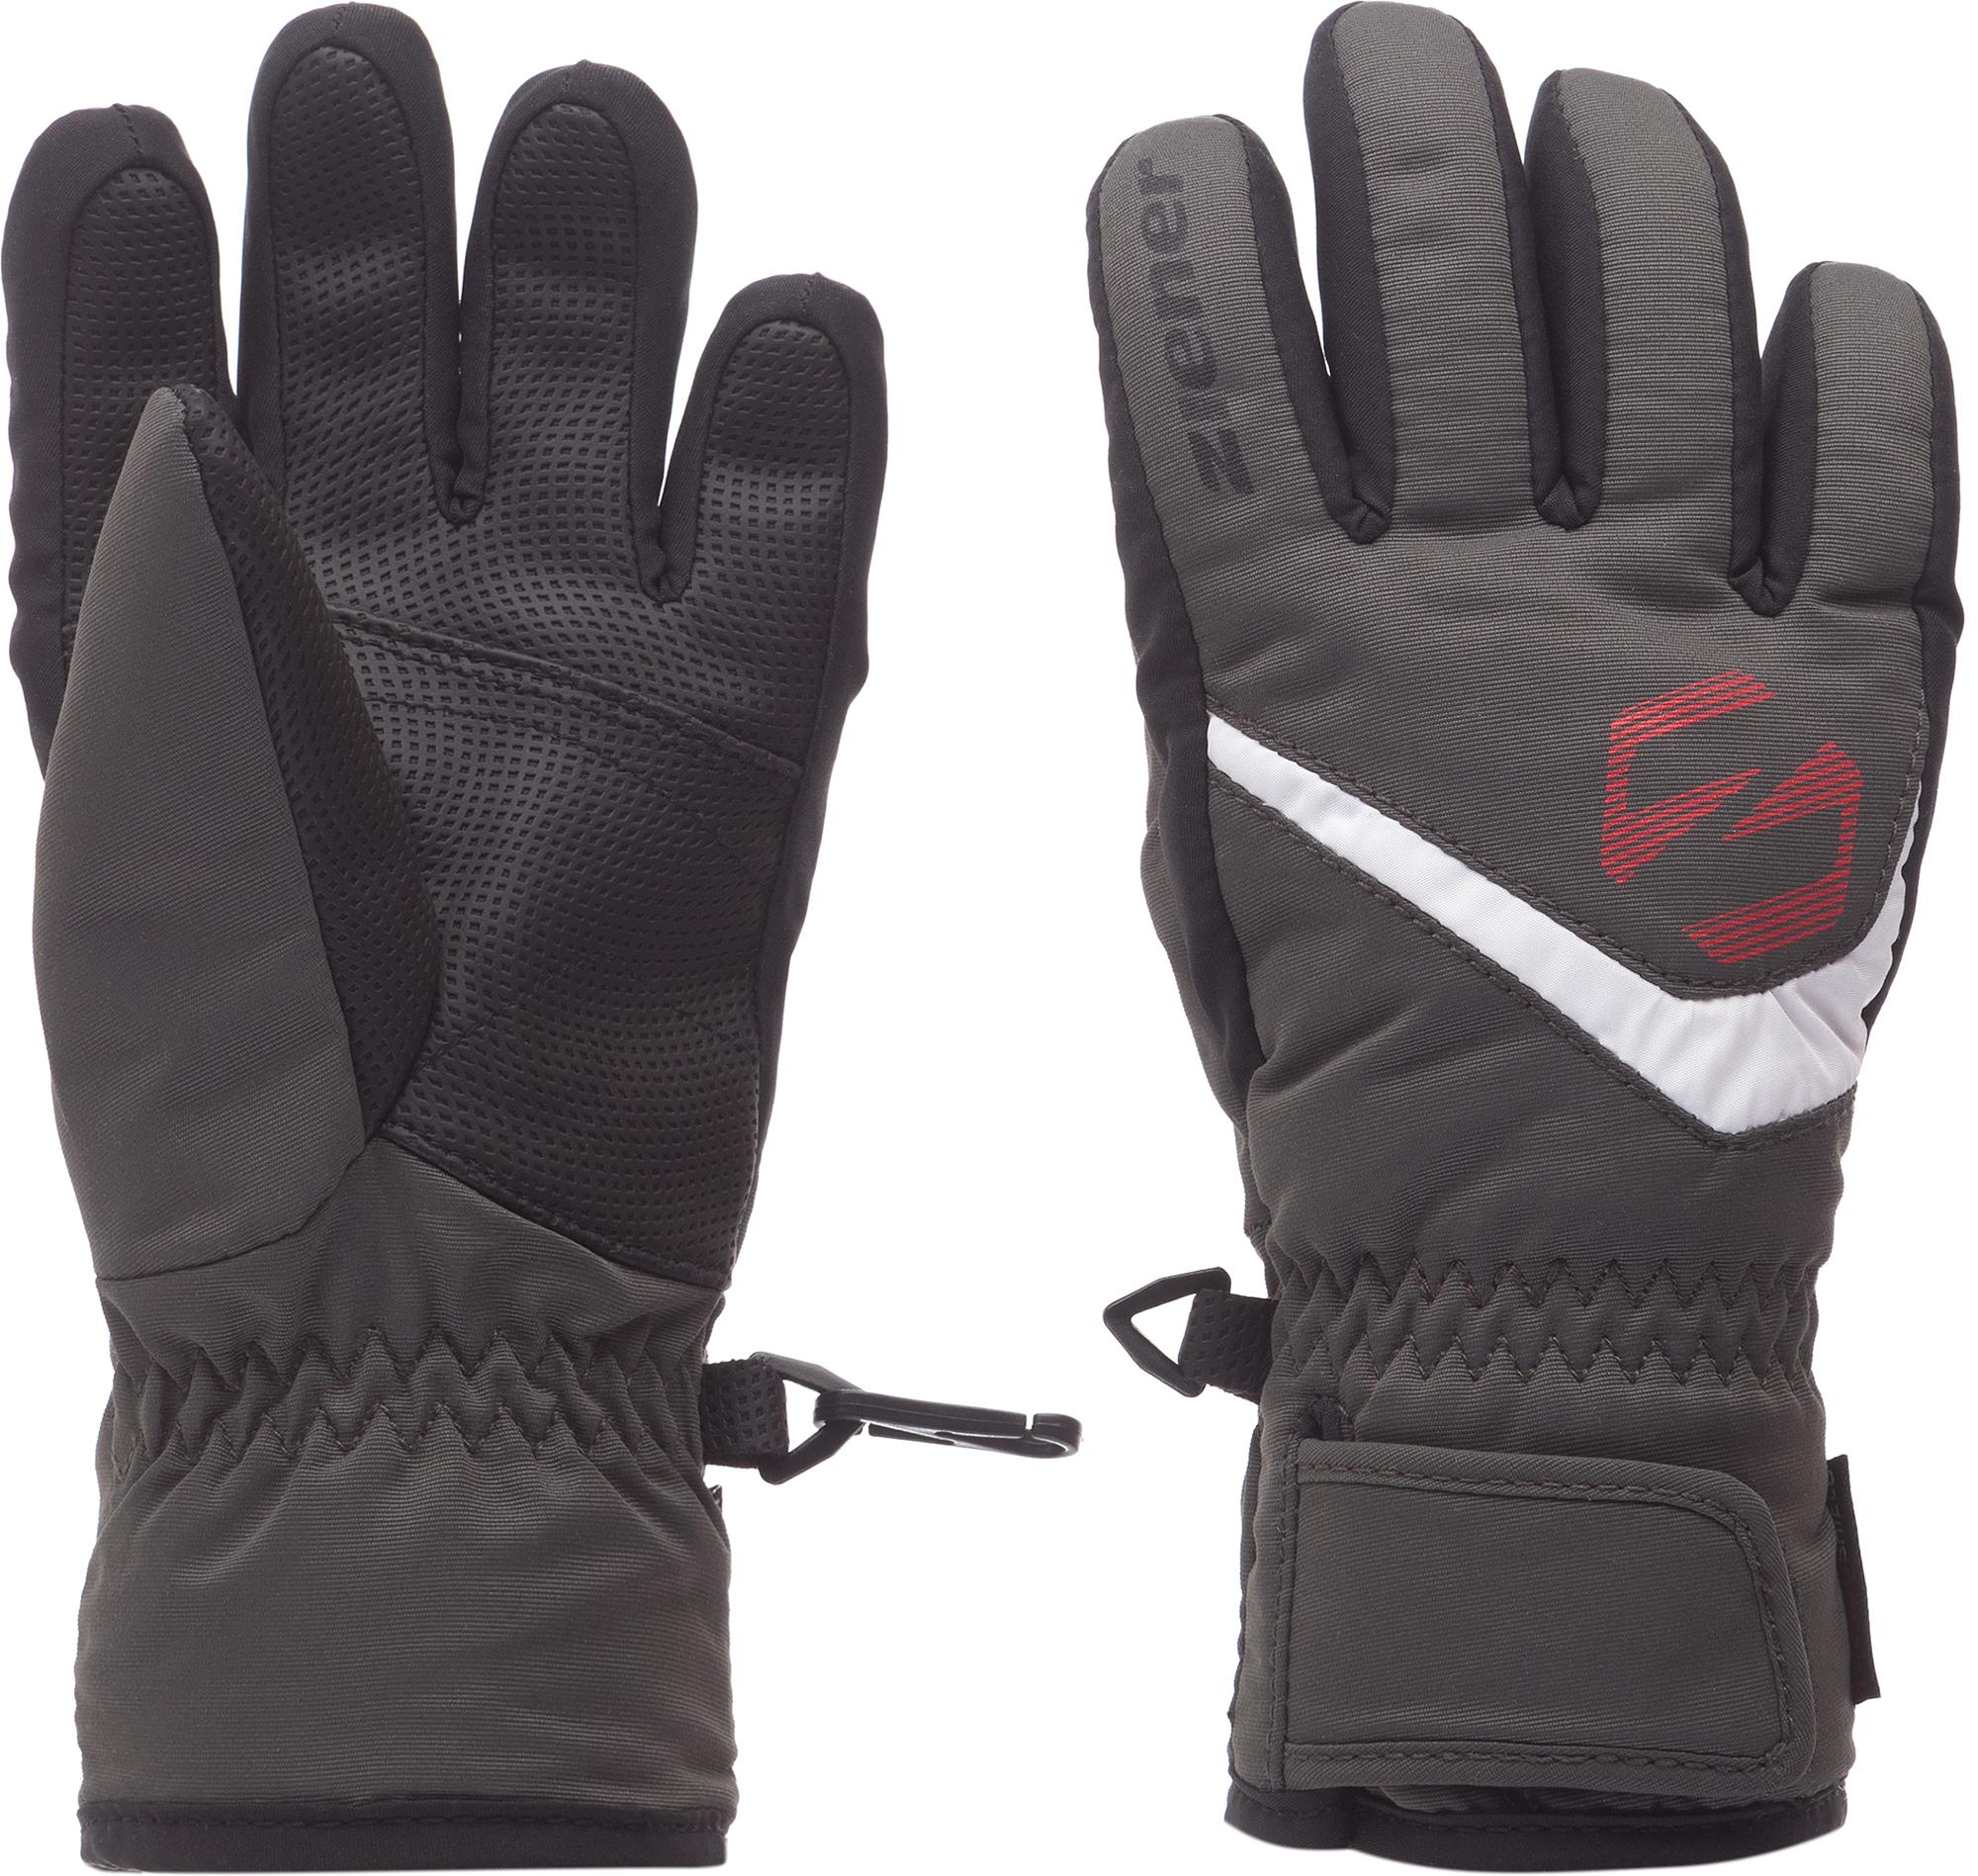 Ziener Перчатки для мальчиков  Lorik, размер 6,5